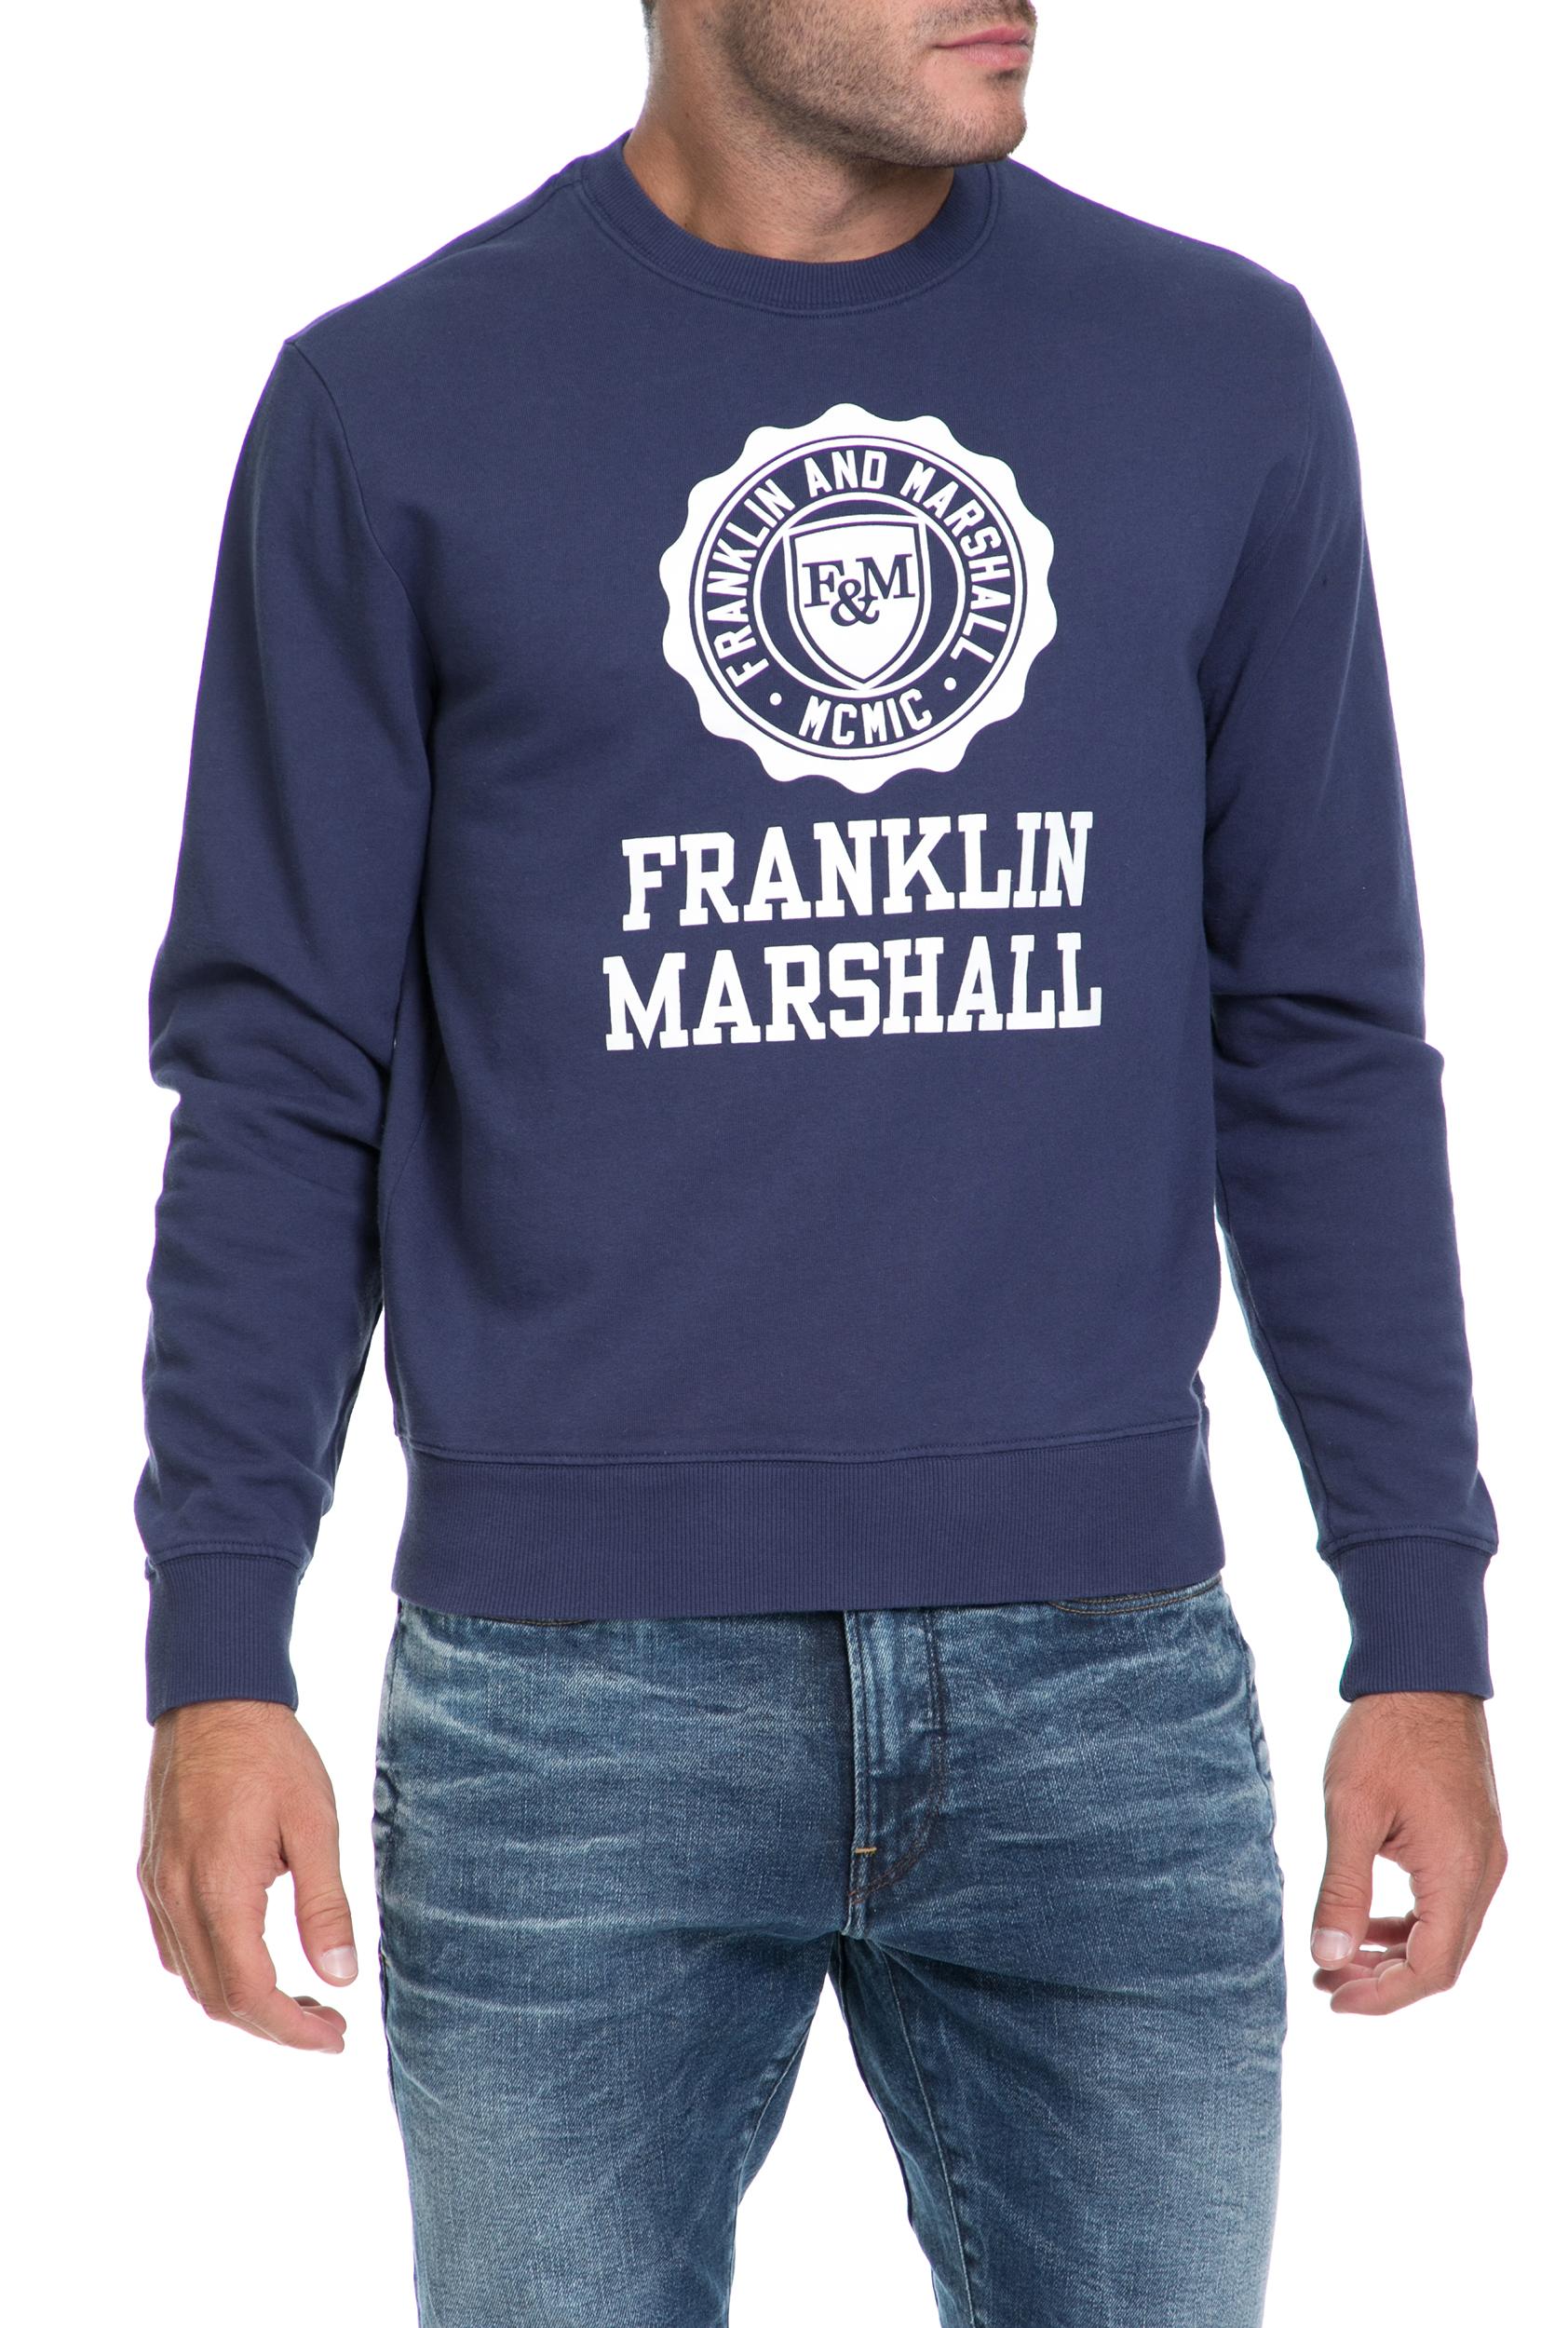 FRANKLIN & MARSHALL - Ανδρικό φούτερ FLEECE FRANKLIN & MARSHALL μπλε ανδρικά ρούχα μπλούζες φούτερ